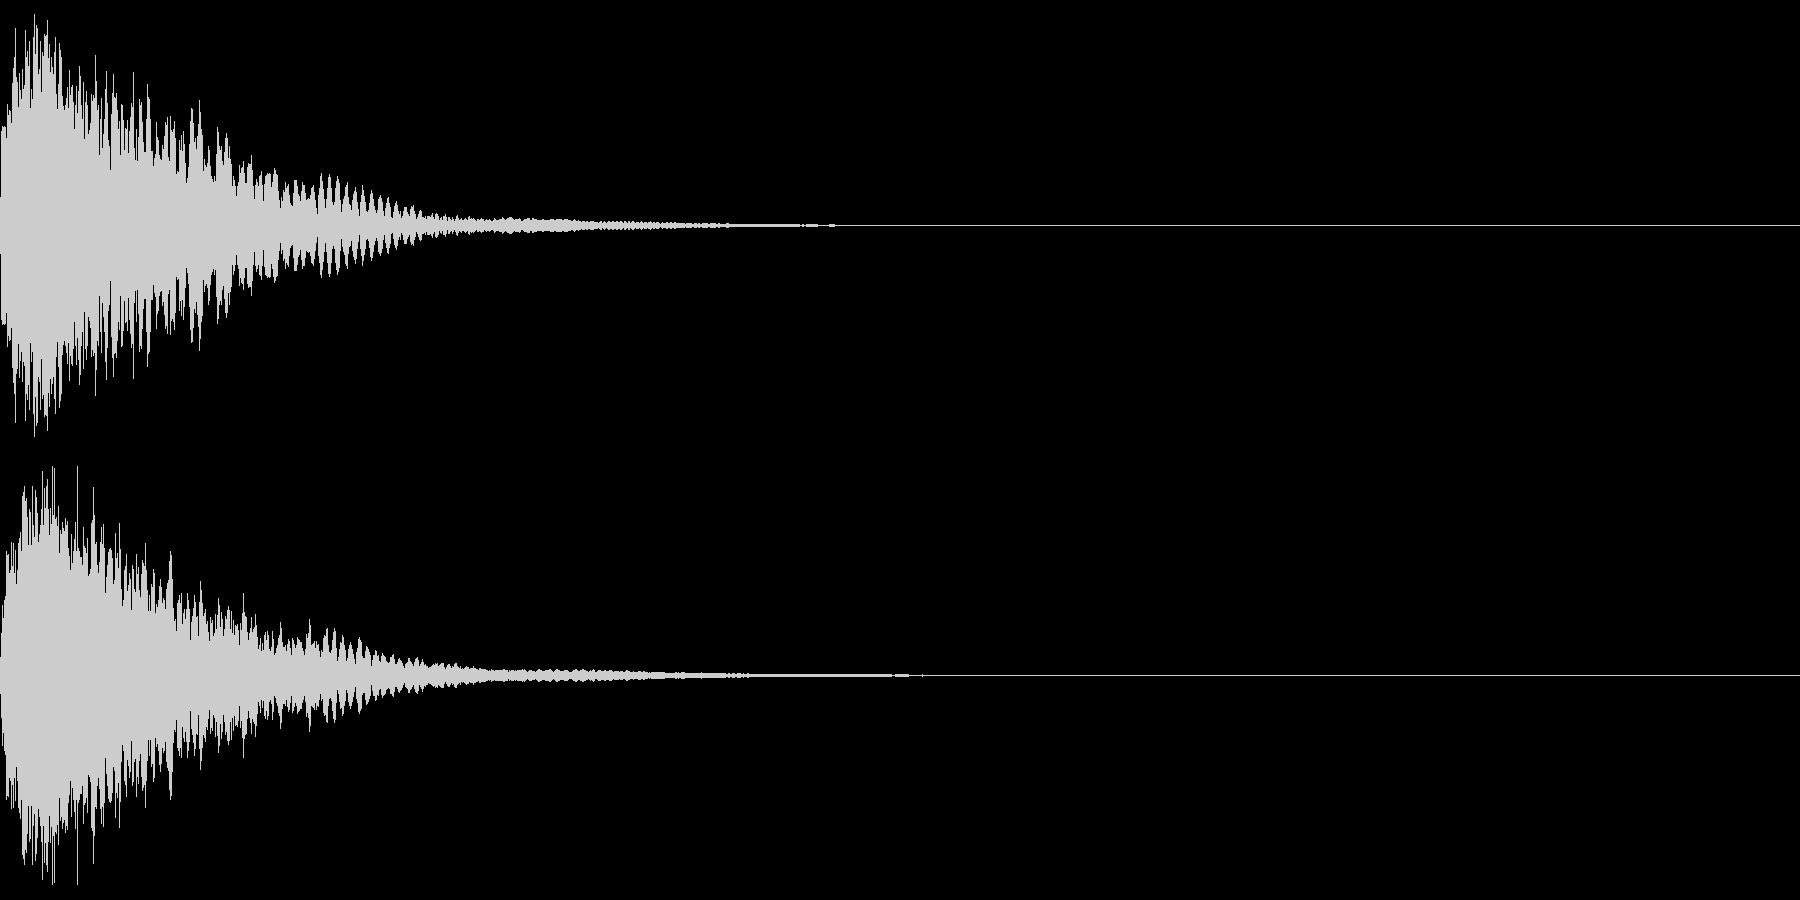 刀 一撃 キュイーン キーン 斬撃 15の未再生の波形